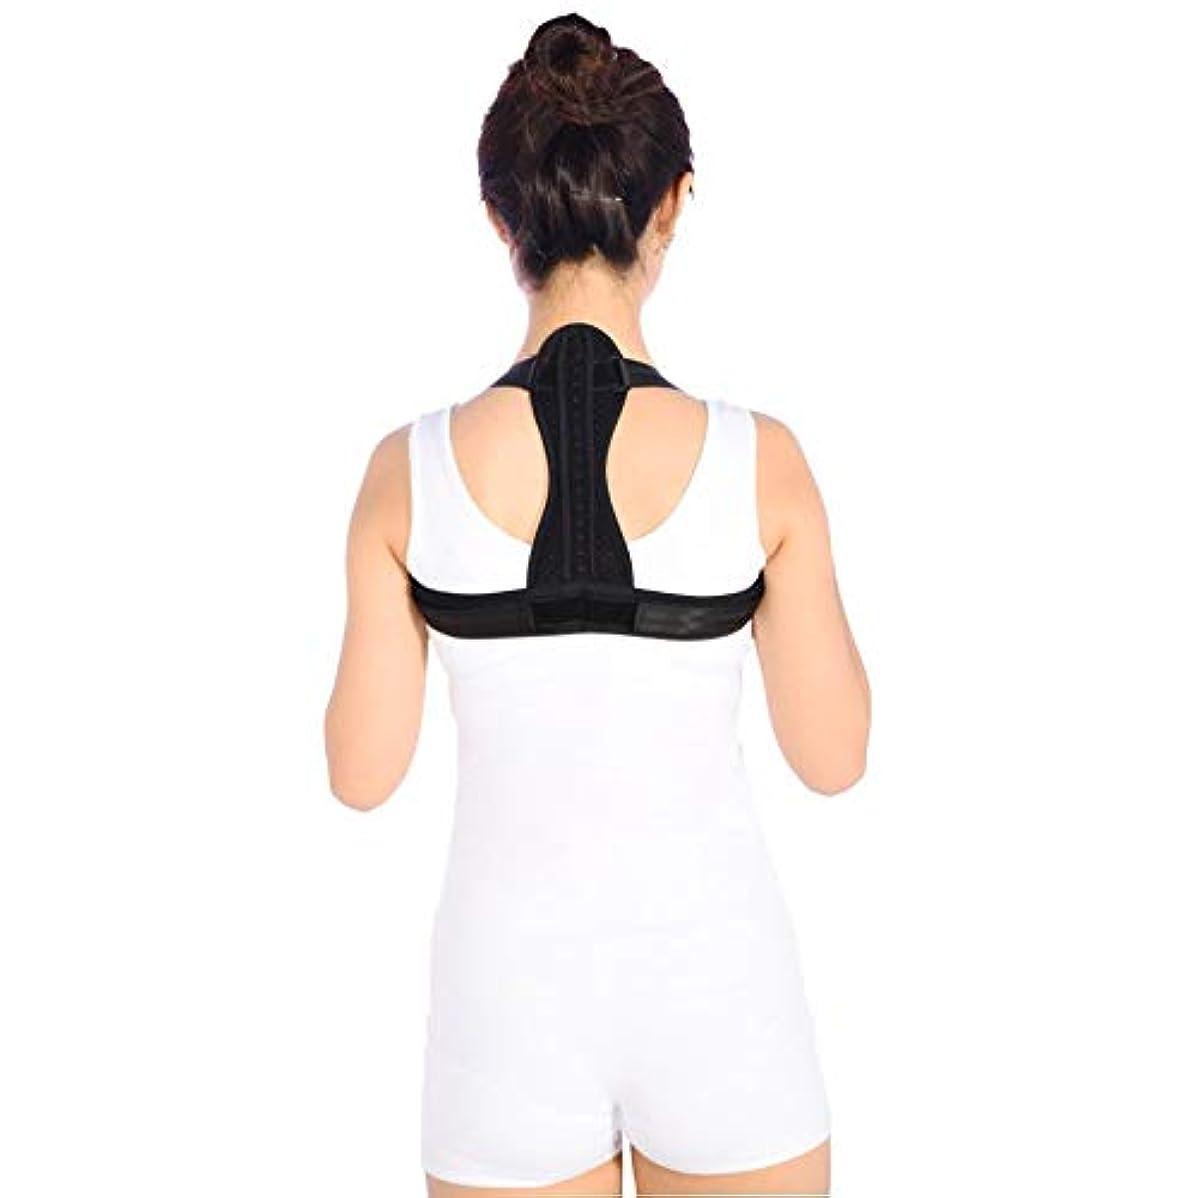 かかわらず稚魚計画通気性の脊柱側弯症ザトウクジラ補正ベルト調節可能な快適さ目に見えないベルト男性女性大人学生子供 - 黒